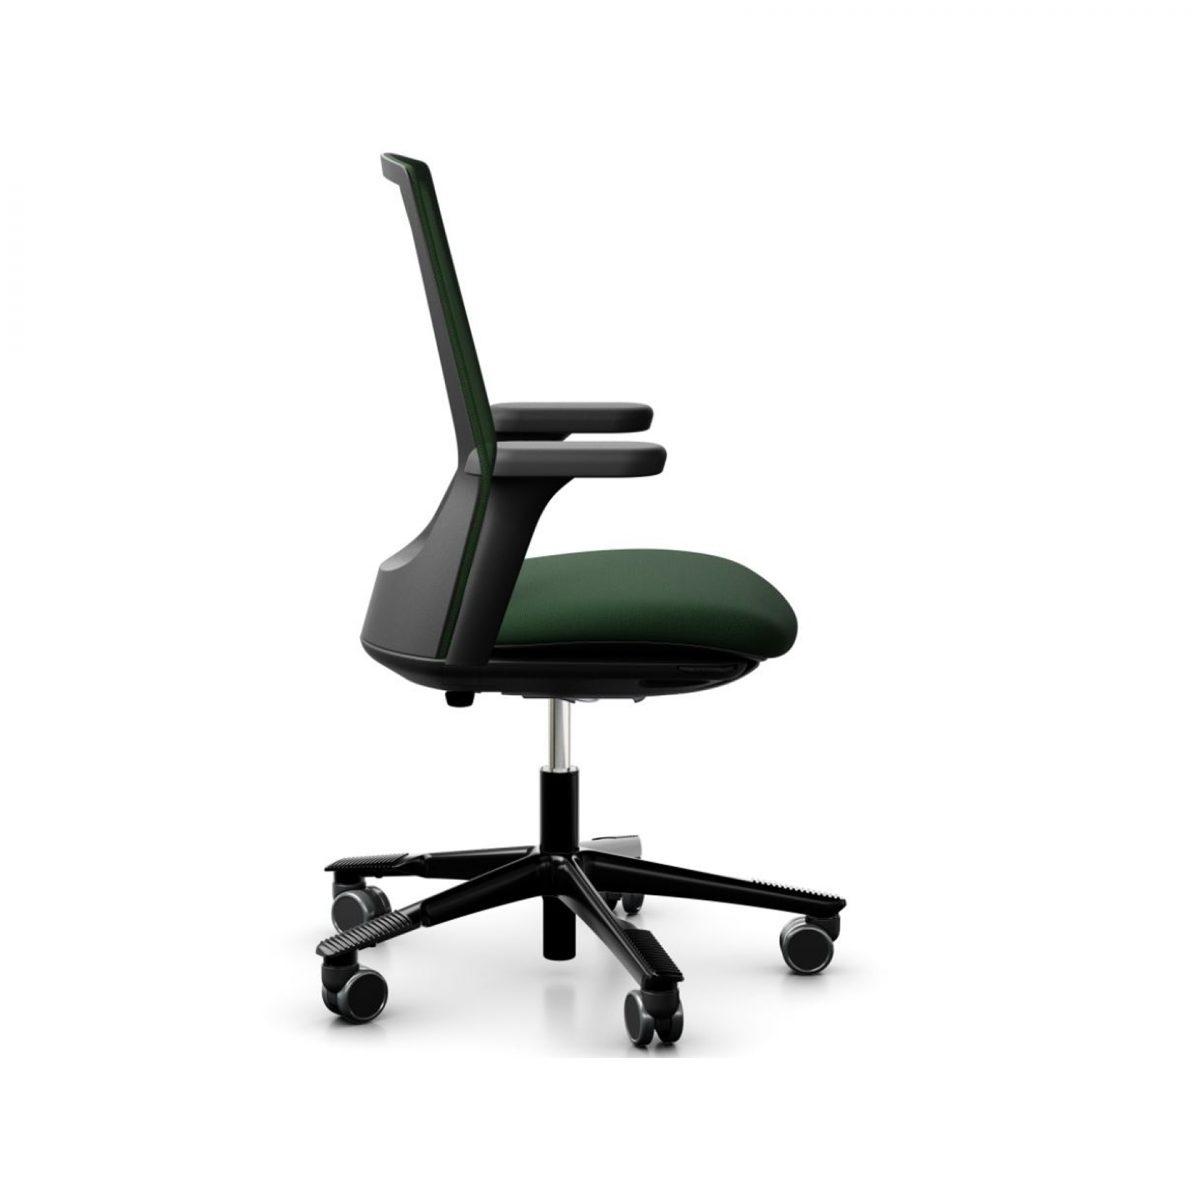 HAG Futu bureaustoel groen zijkant